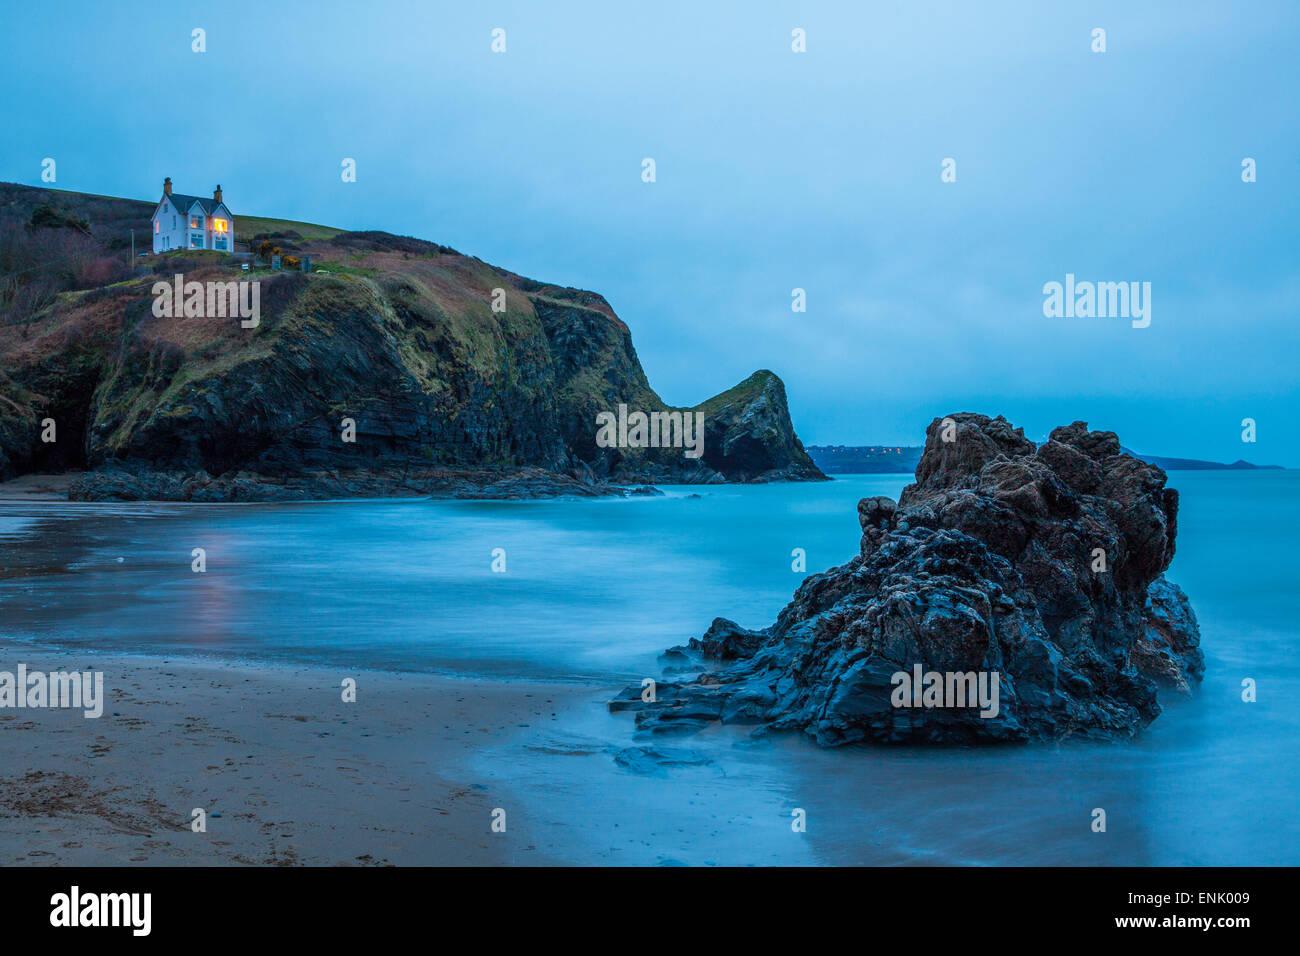 Plage de Llangrannog, Ceredigion (Cardigan), l'ouest du pays de Galles, Pays de Galles, Royaume-Uni, Europe Photo Stock